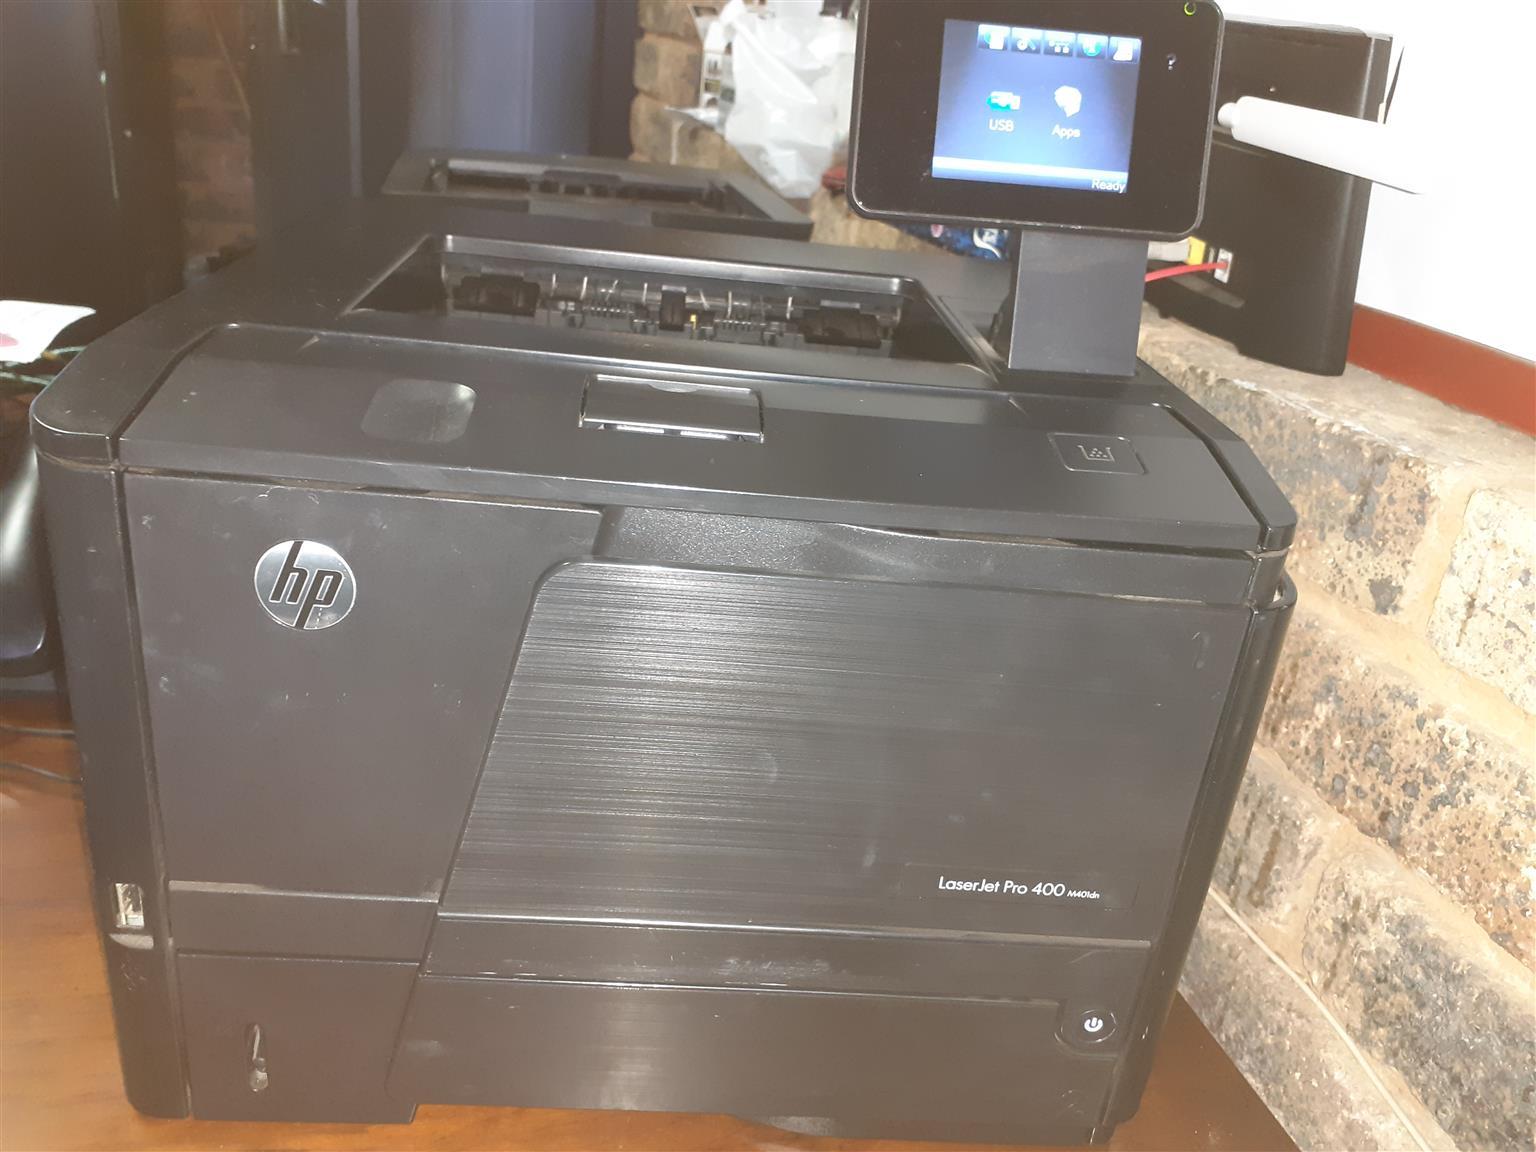 HP LaserJet Pro 400 m401dn Printer